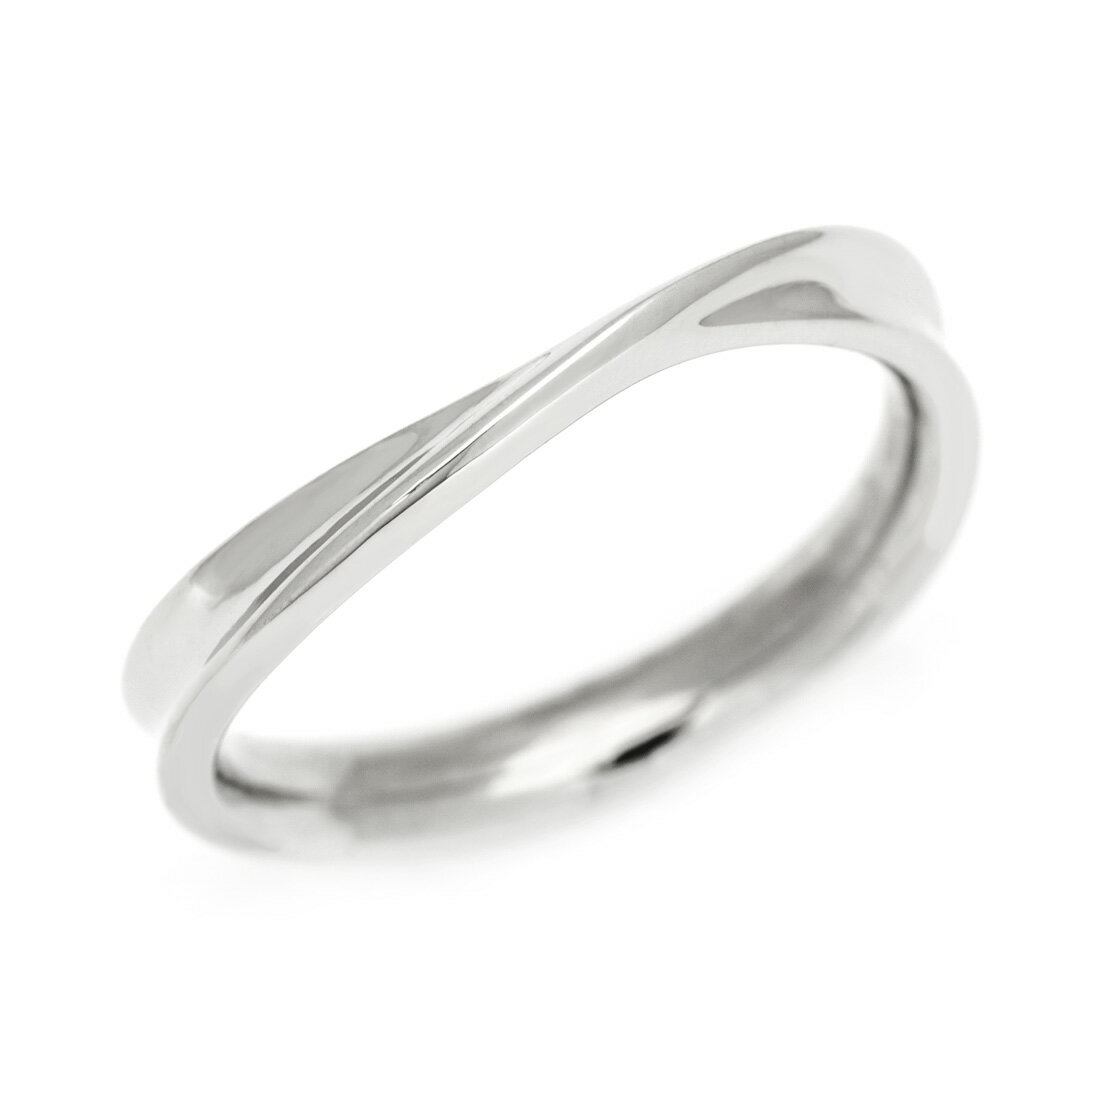 ブライダルジュエリー・アクセサリー, 結婚指輪・マリッジリング Twist 925 1-20